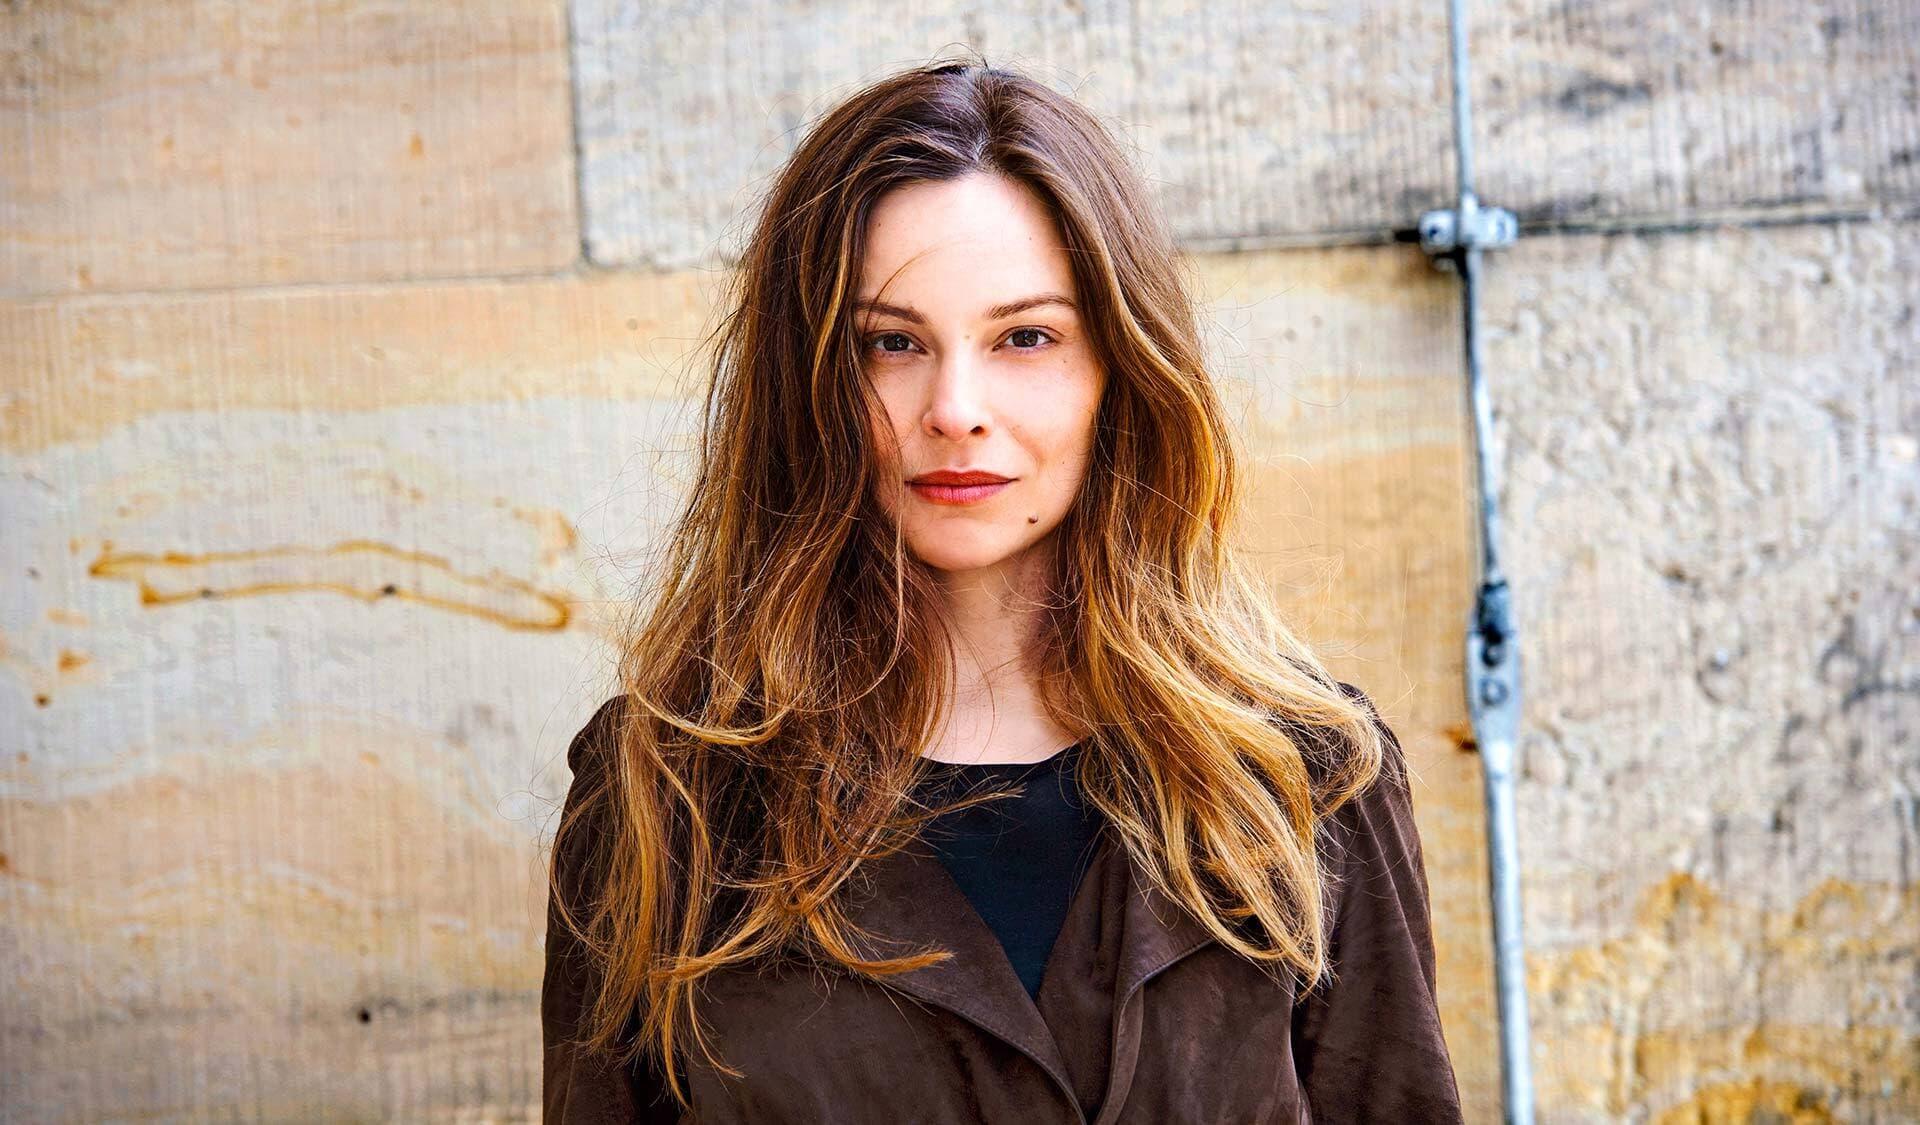 Schauspielerin Mina Tander, vor einer Wand stehend